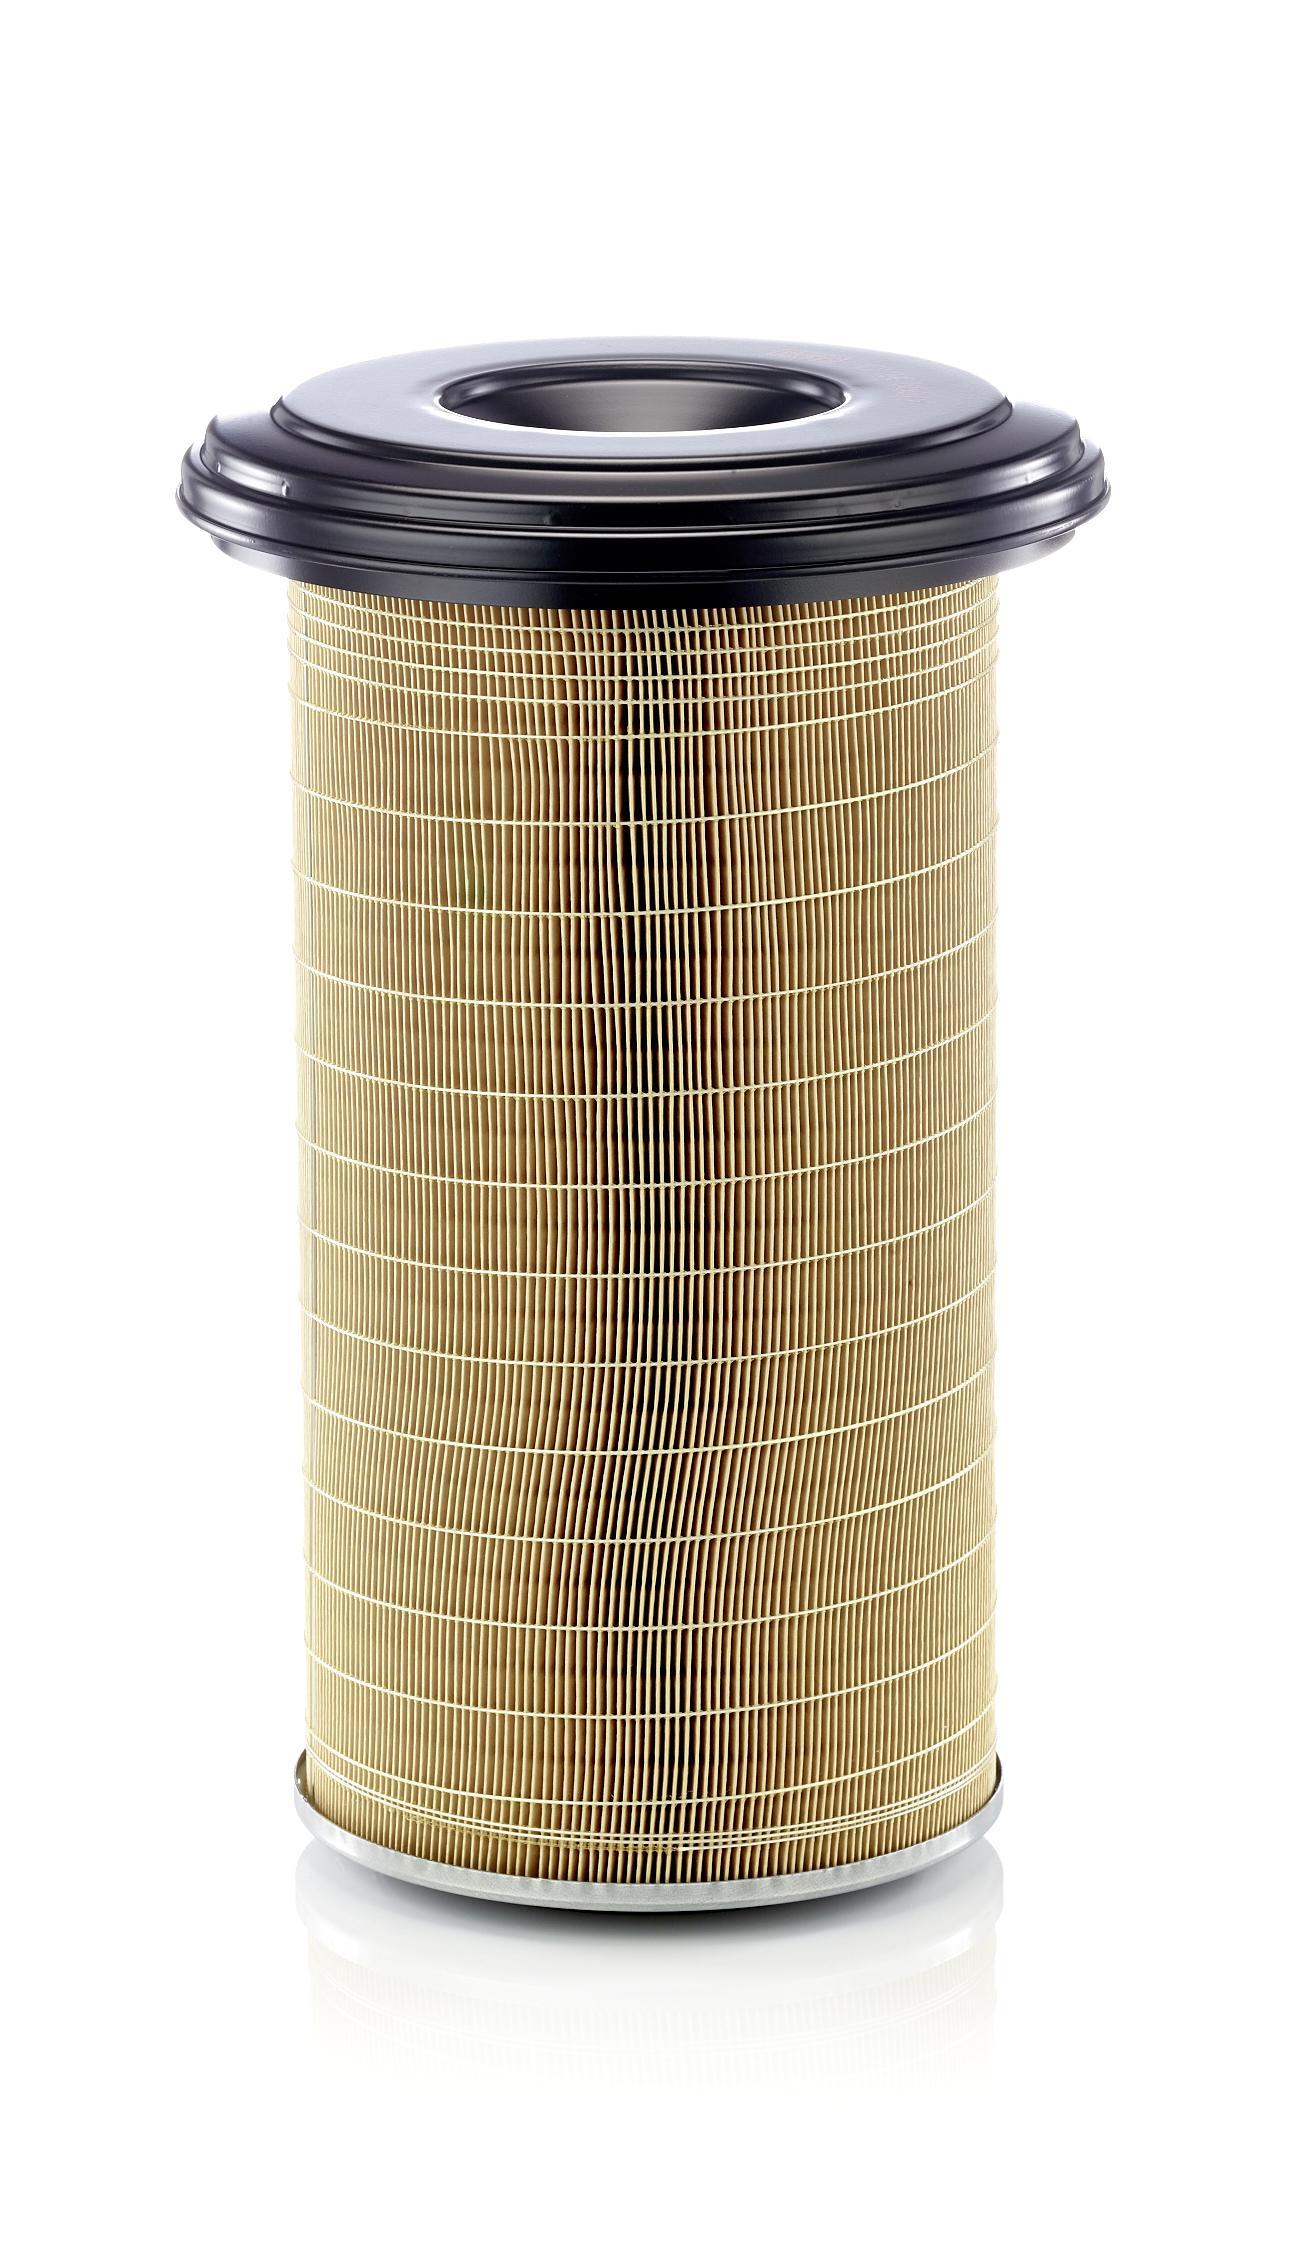 MANN-FILTER Filtr powietrza C 24 650/7 do SCANIA: kup przez Internet